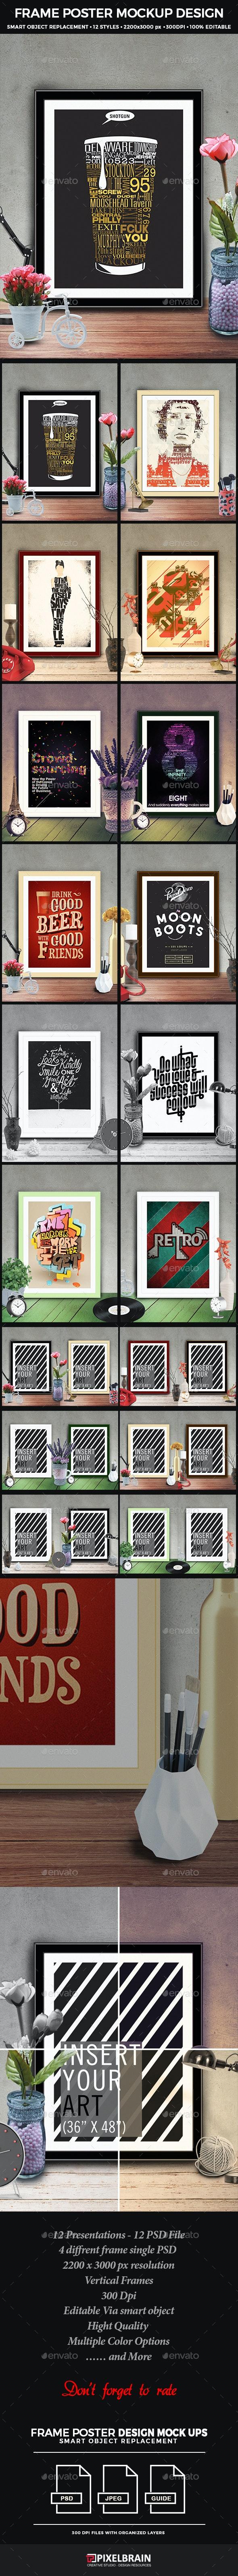 Frame Poster Mockup Design - Posters Print